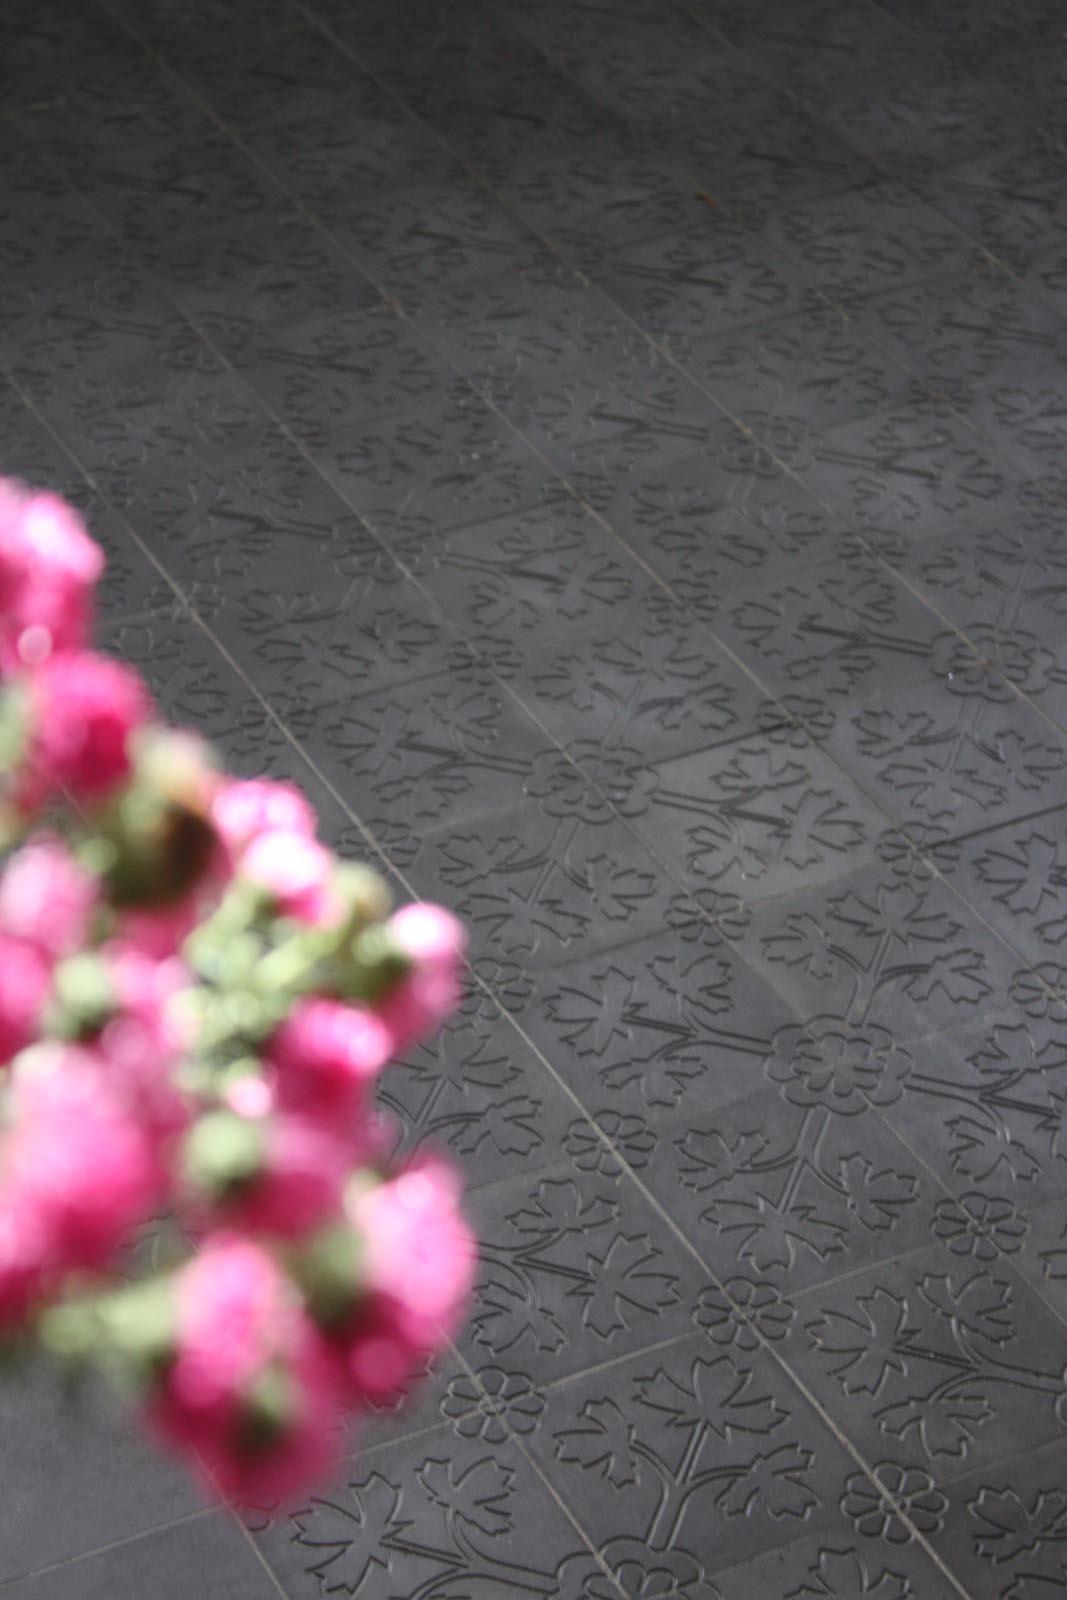 VIA Zementmosaikplatten-nr.51110-friedenskirche-03-viaplatten | 51110/150